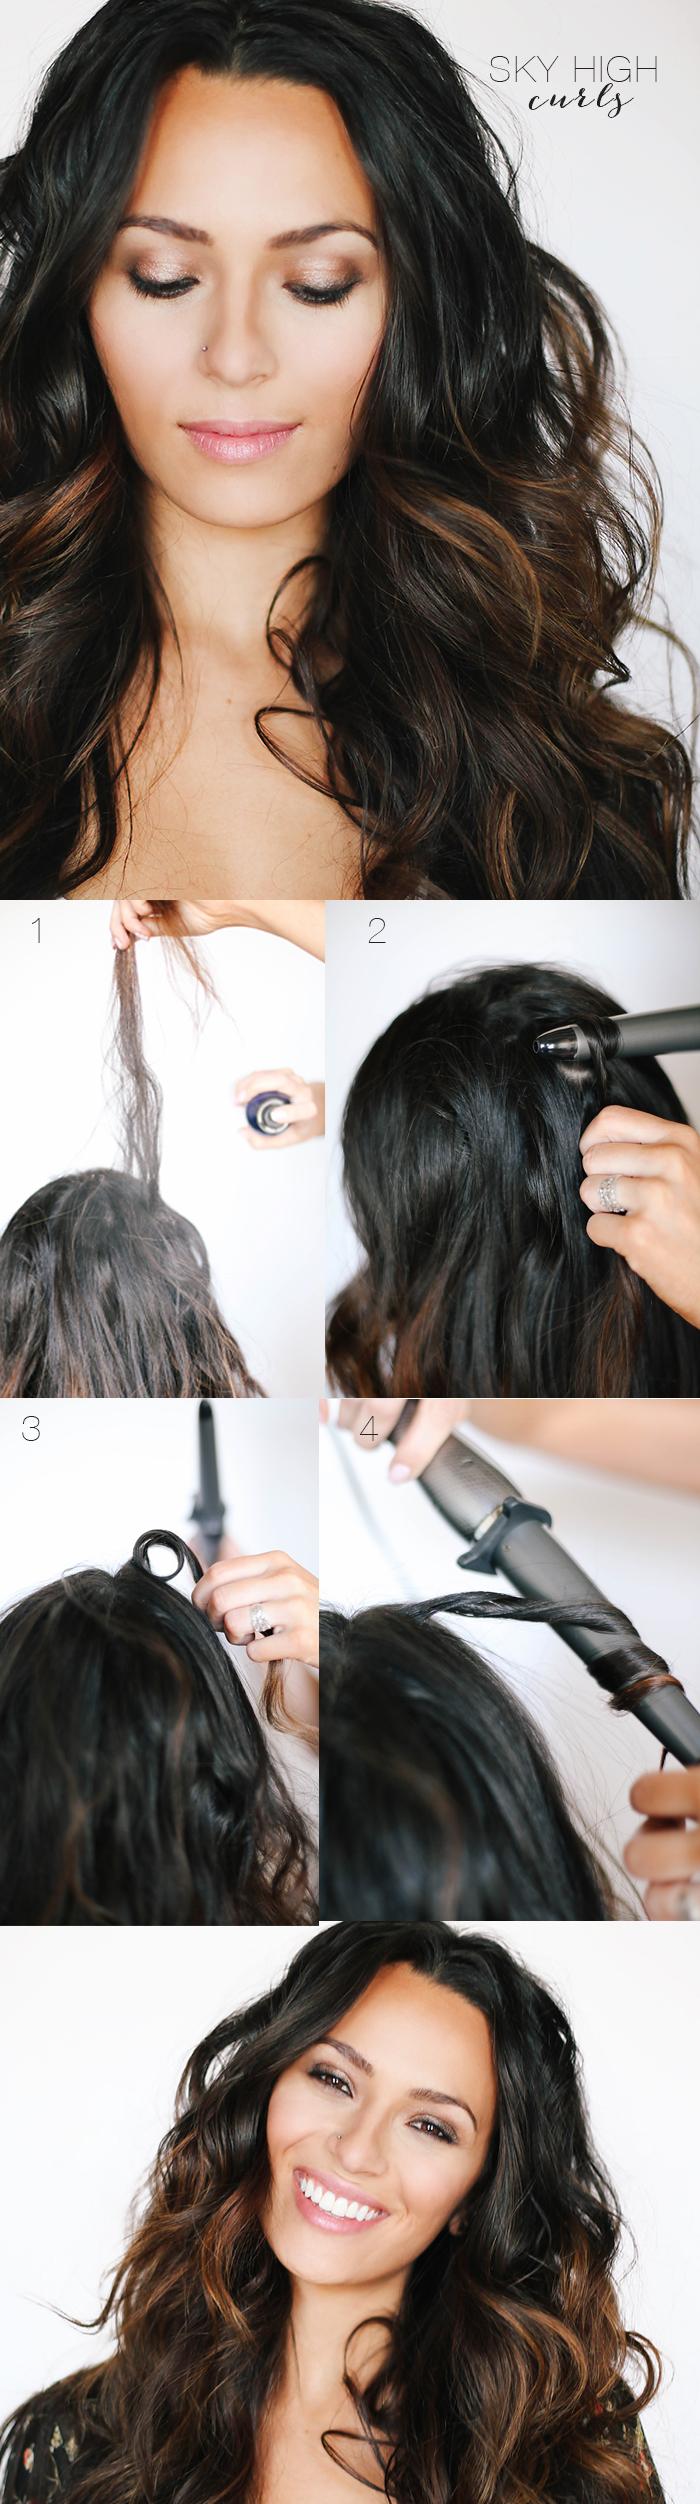 как накрутить волосы щипцами, фото